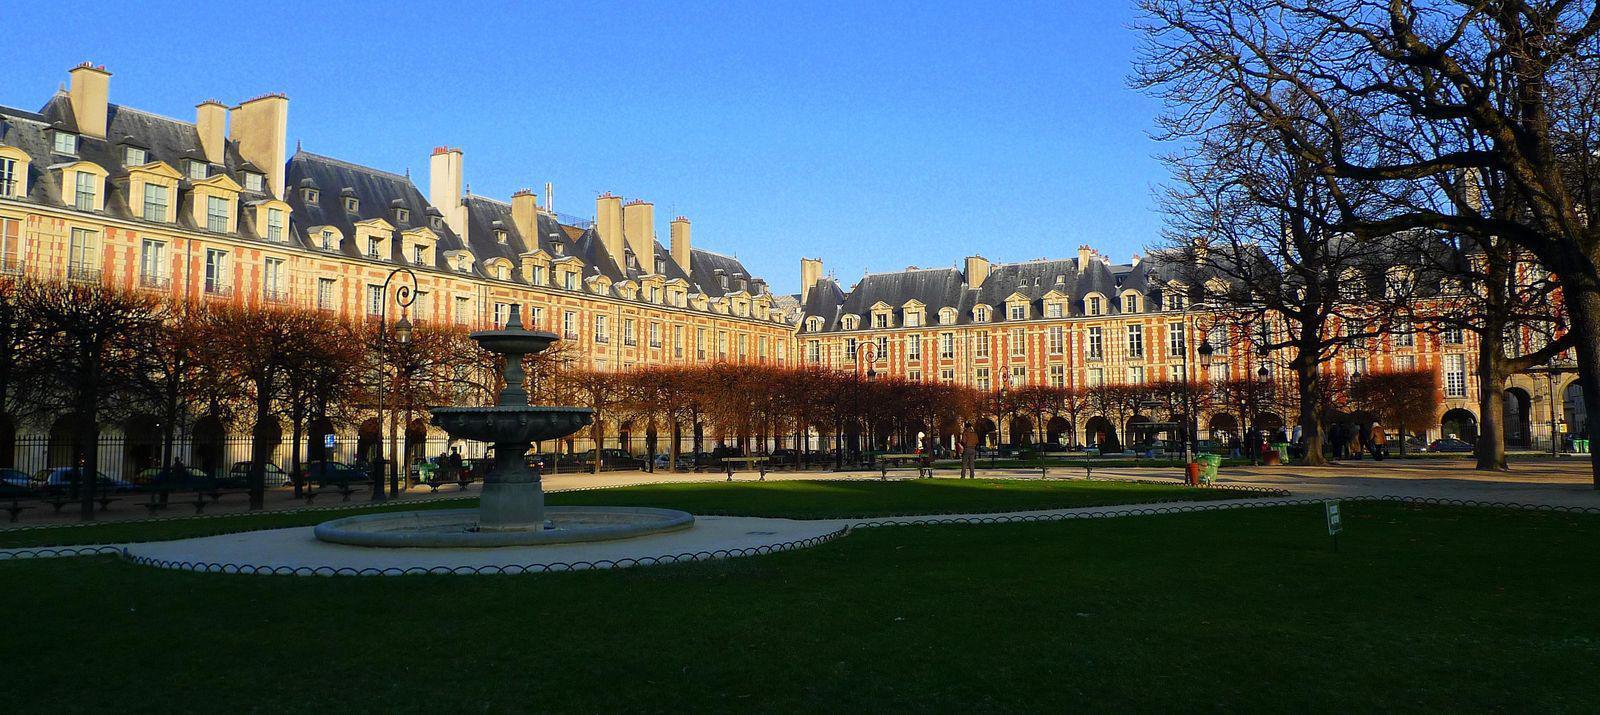 Place des Vosges_Paris